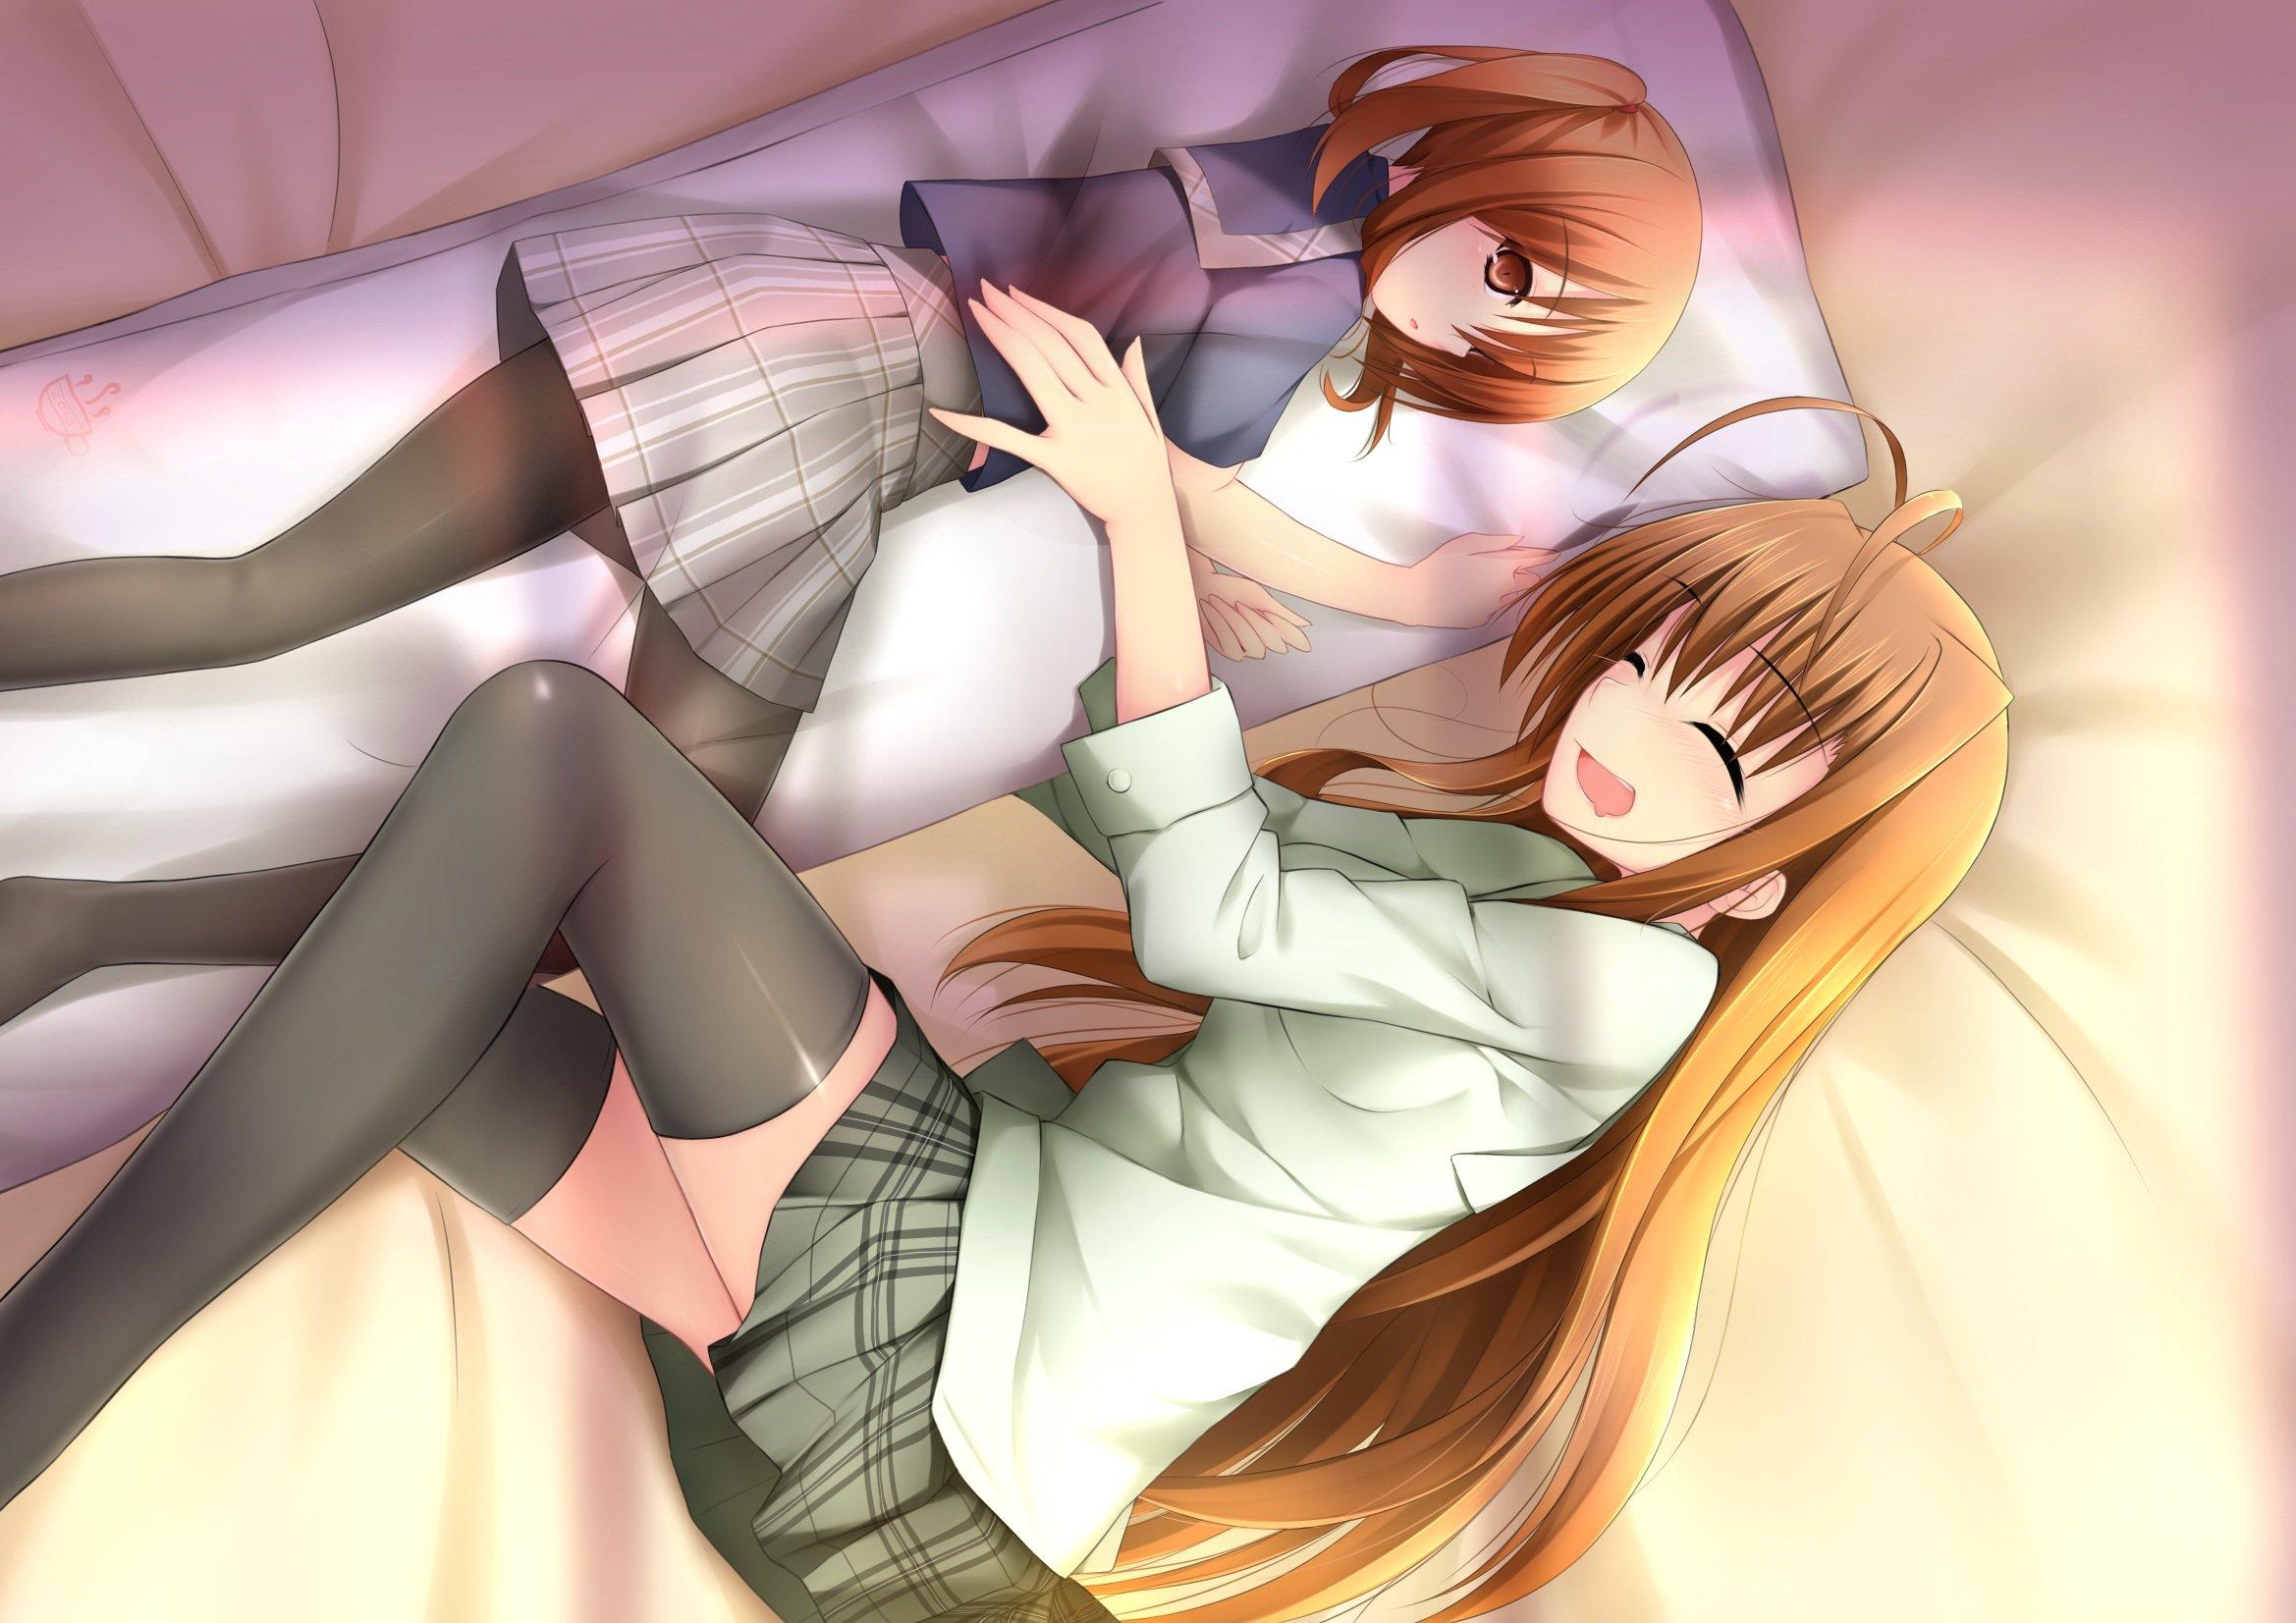 Спящие пары аниме 3 фотография